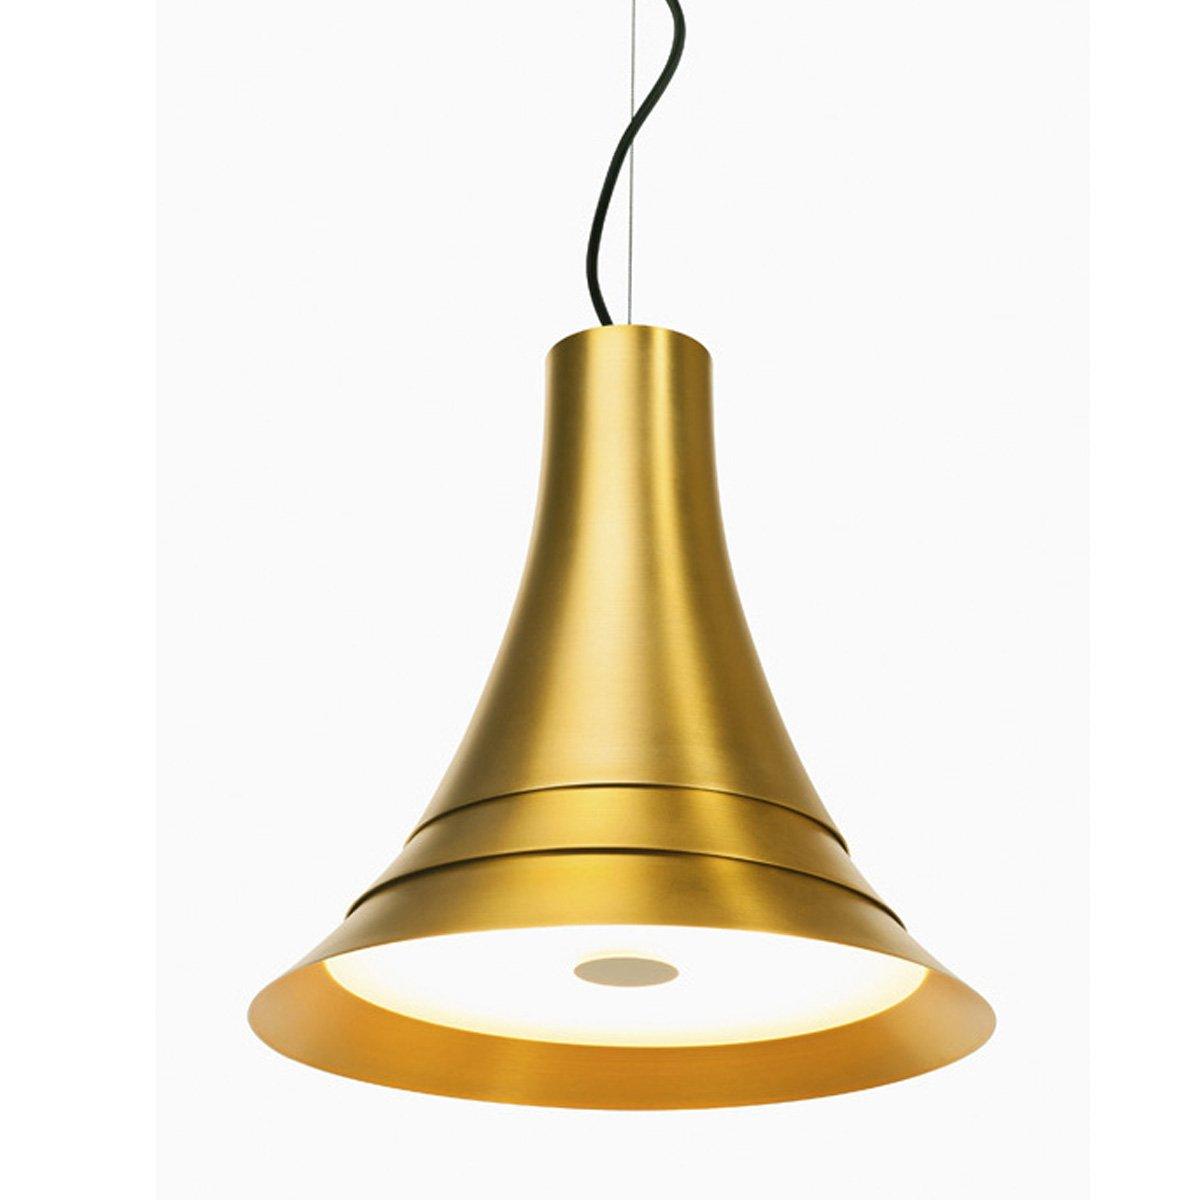 SLV - verlichting Hanglamp Bato SLV. 1000441